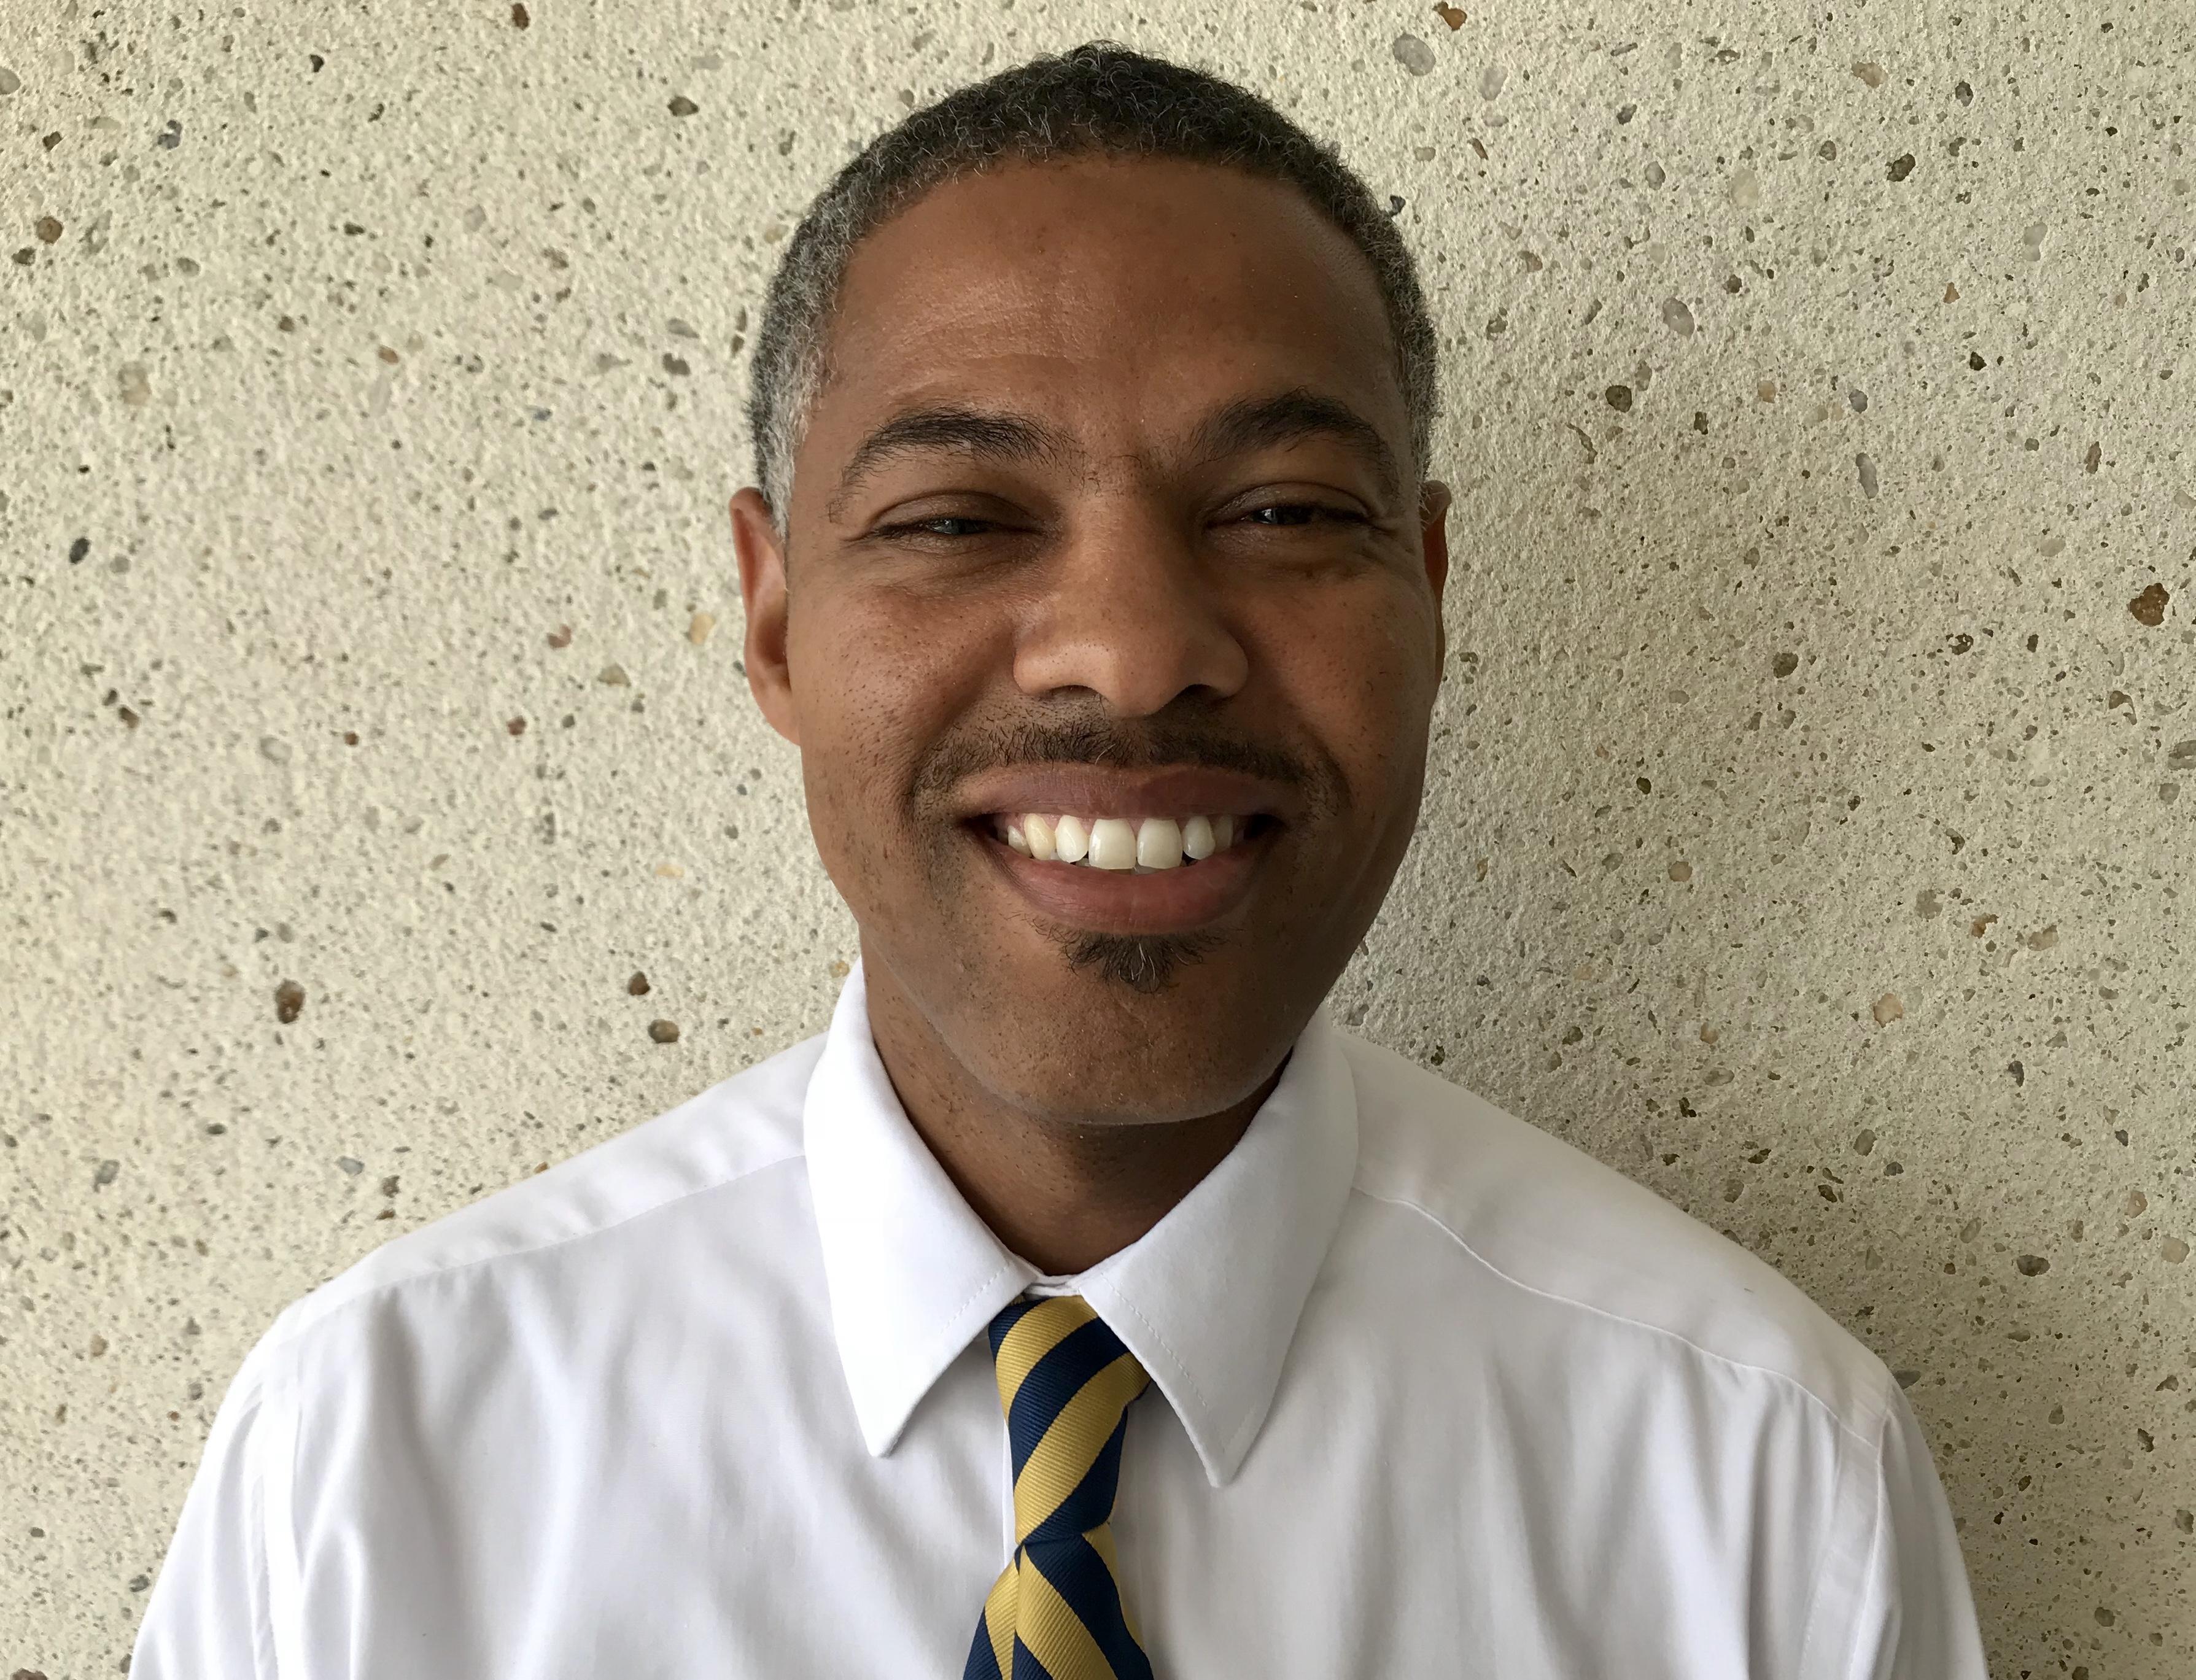 Principal Chris Dickey